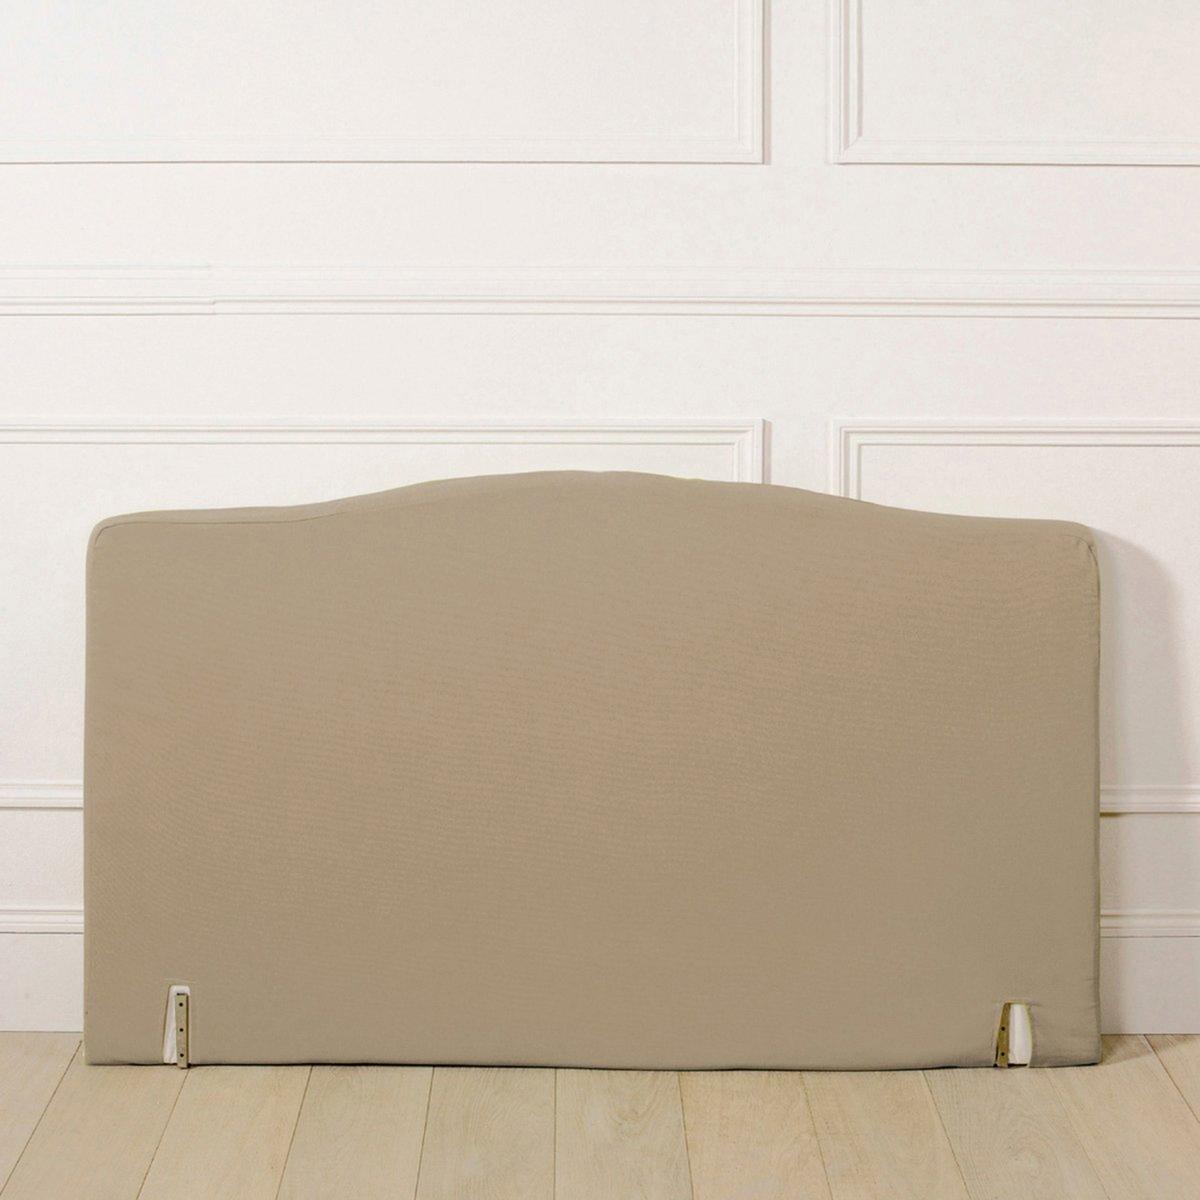 Чехол La Redoute Для изголовья кровати фигурной формы из поликоттона 90 x 85 см бежевый